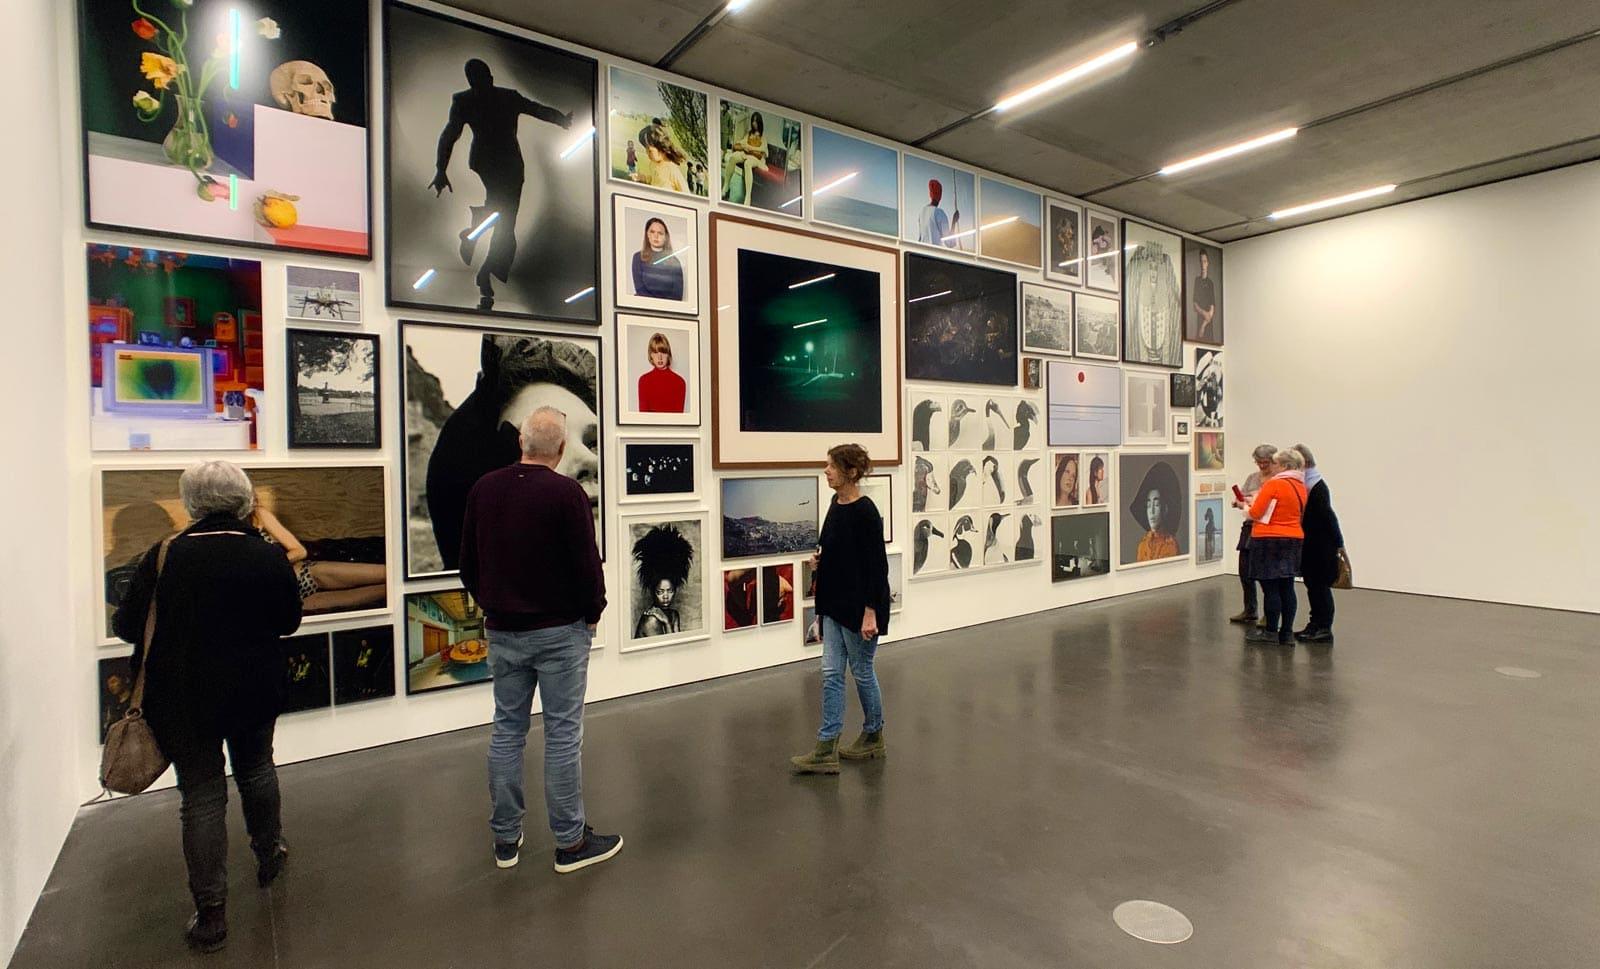 Foto's van Huis Marseille in Museum De Pont